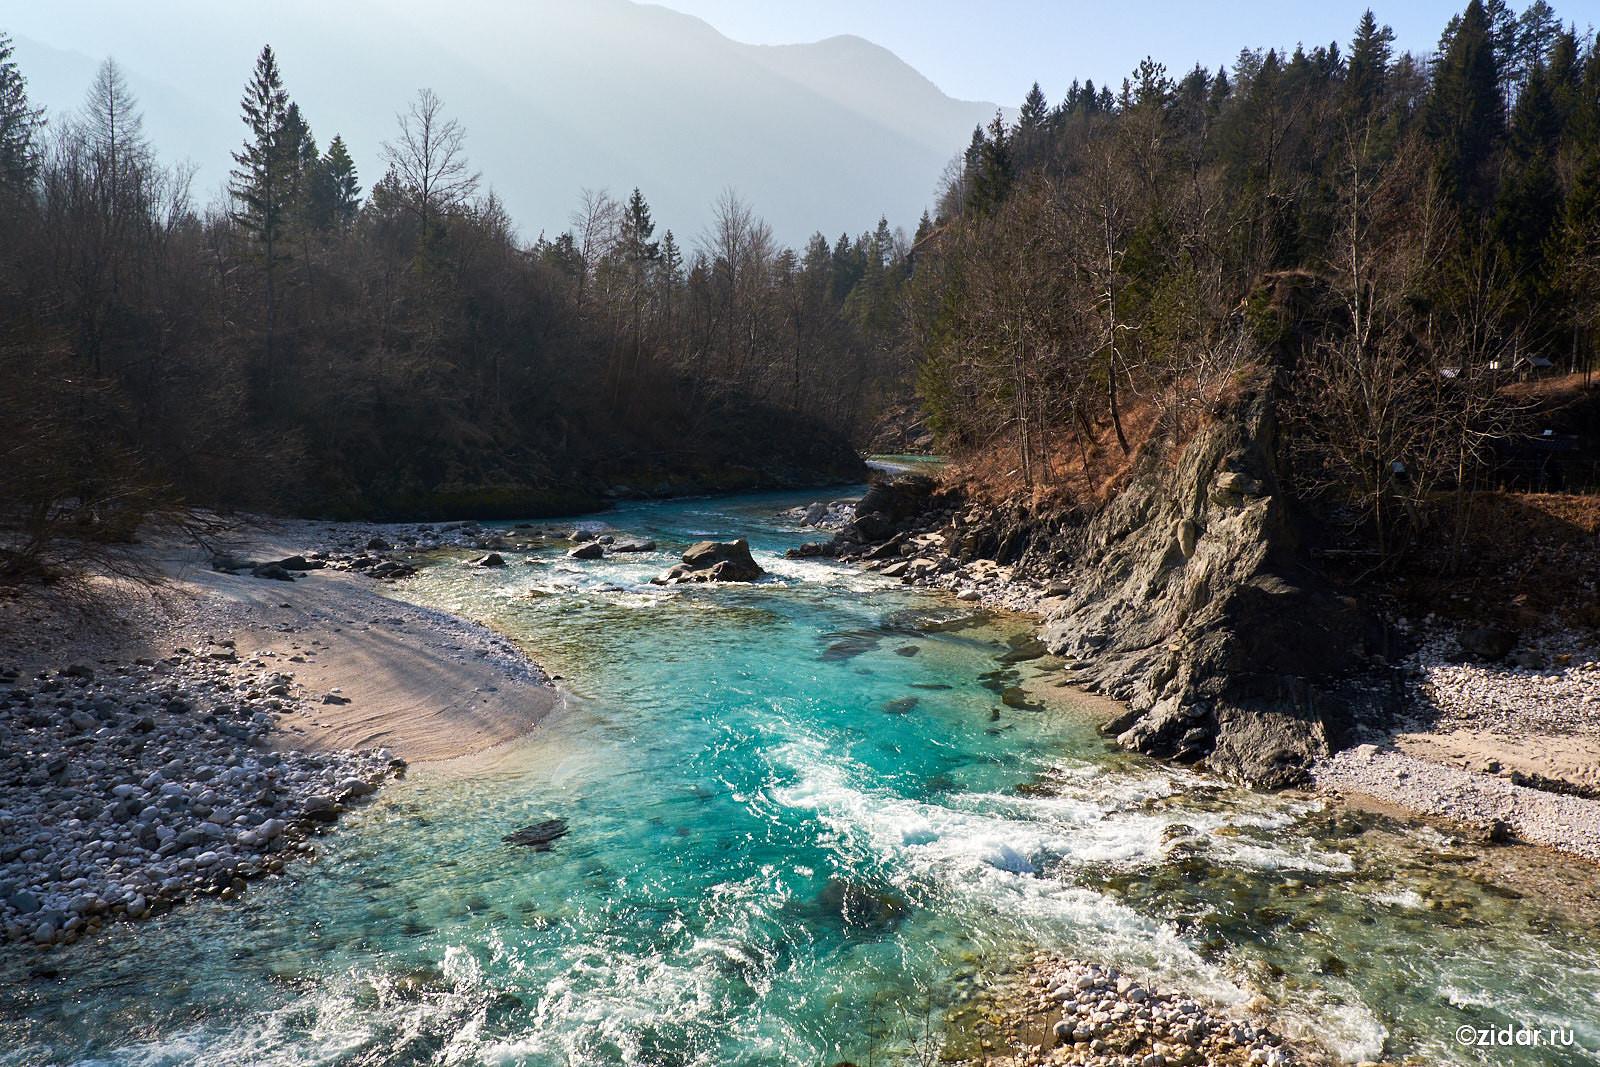 Слияние Сочи и её притока